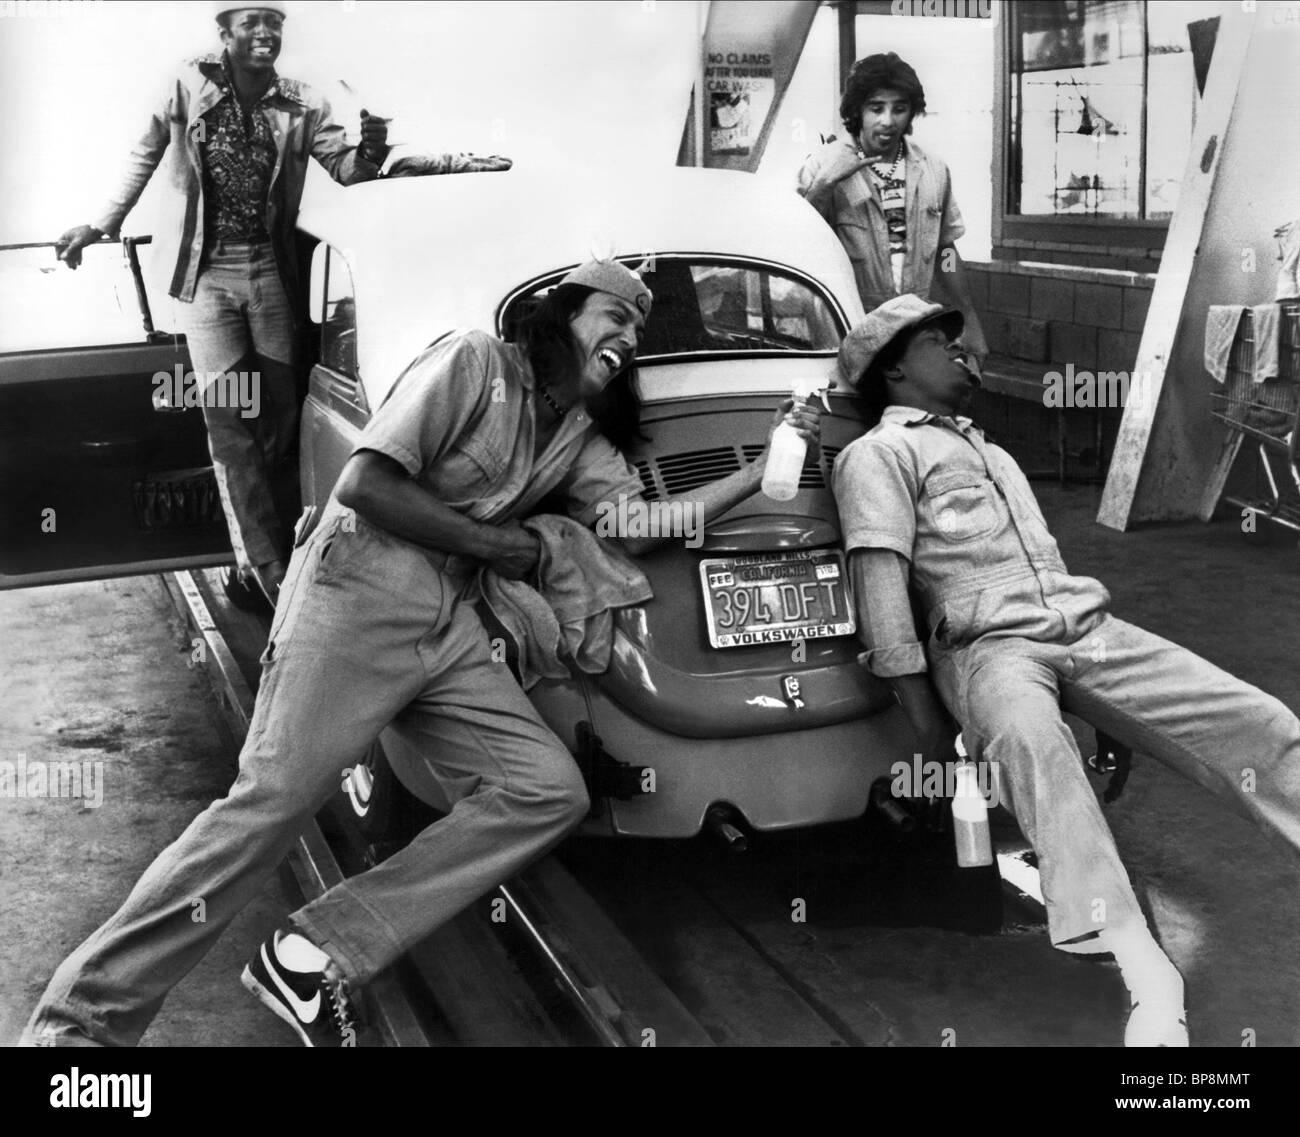 Vw Kafer In Car Wash Auto Waschen 1976 Stockfoto Bild 30924680